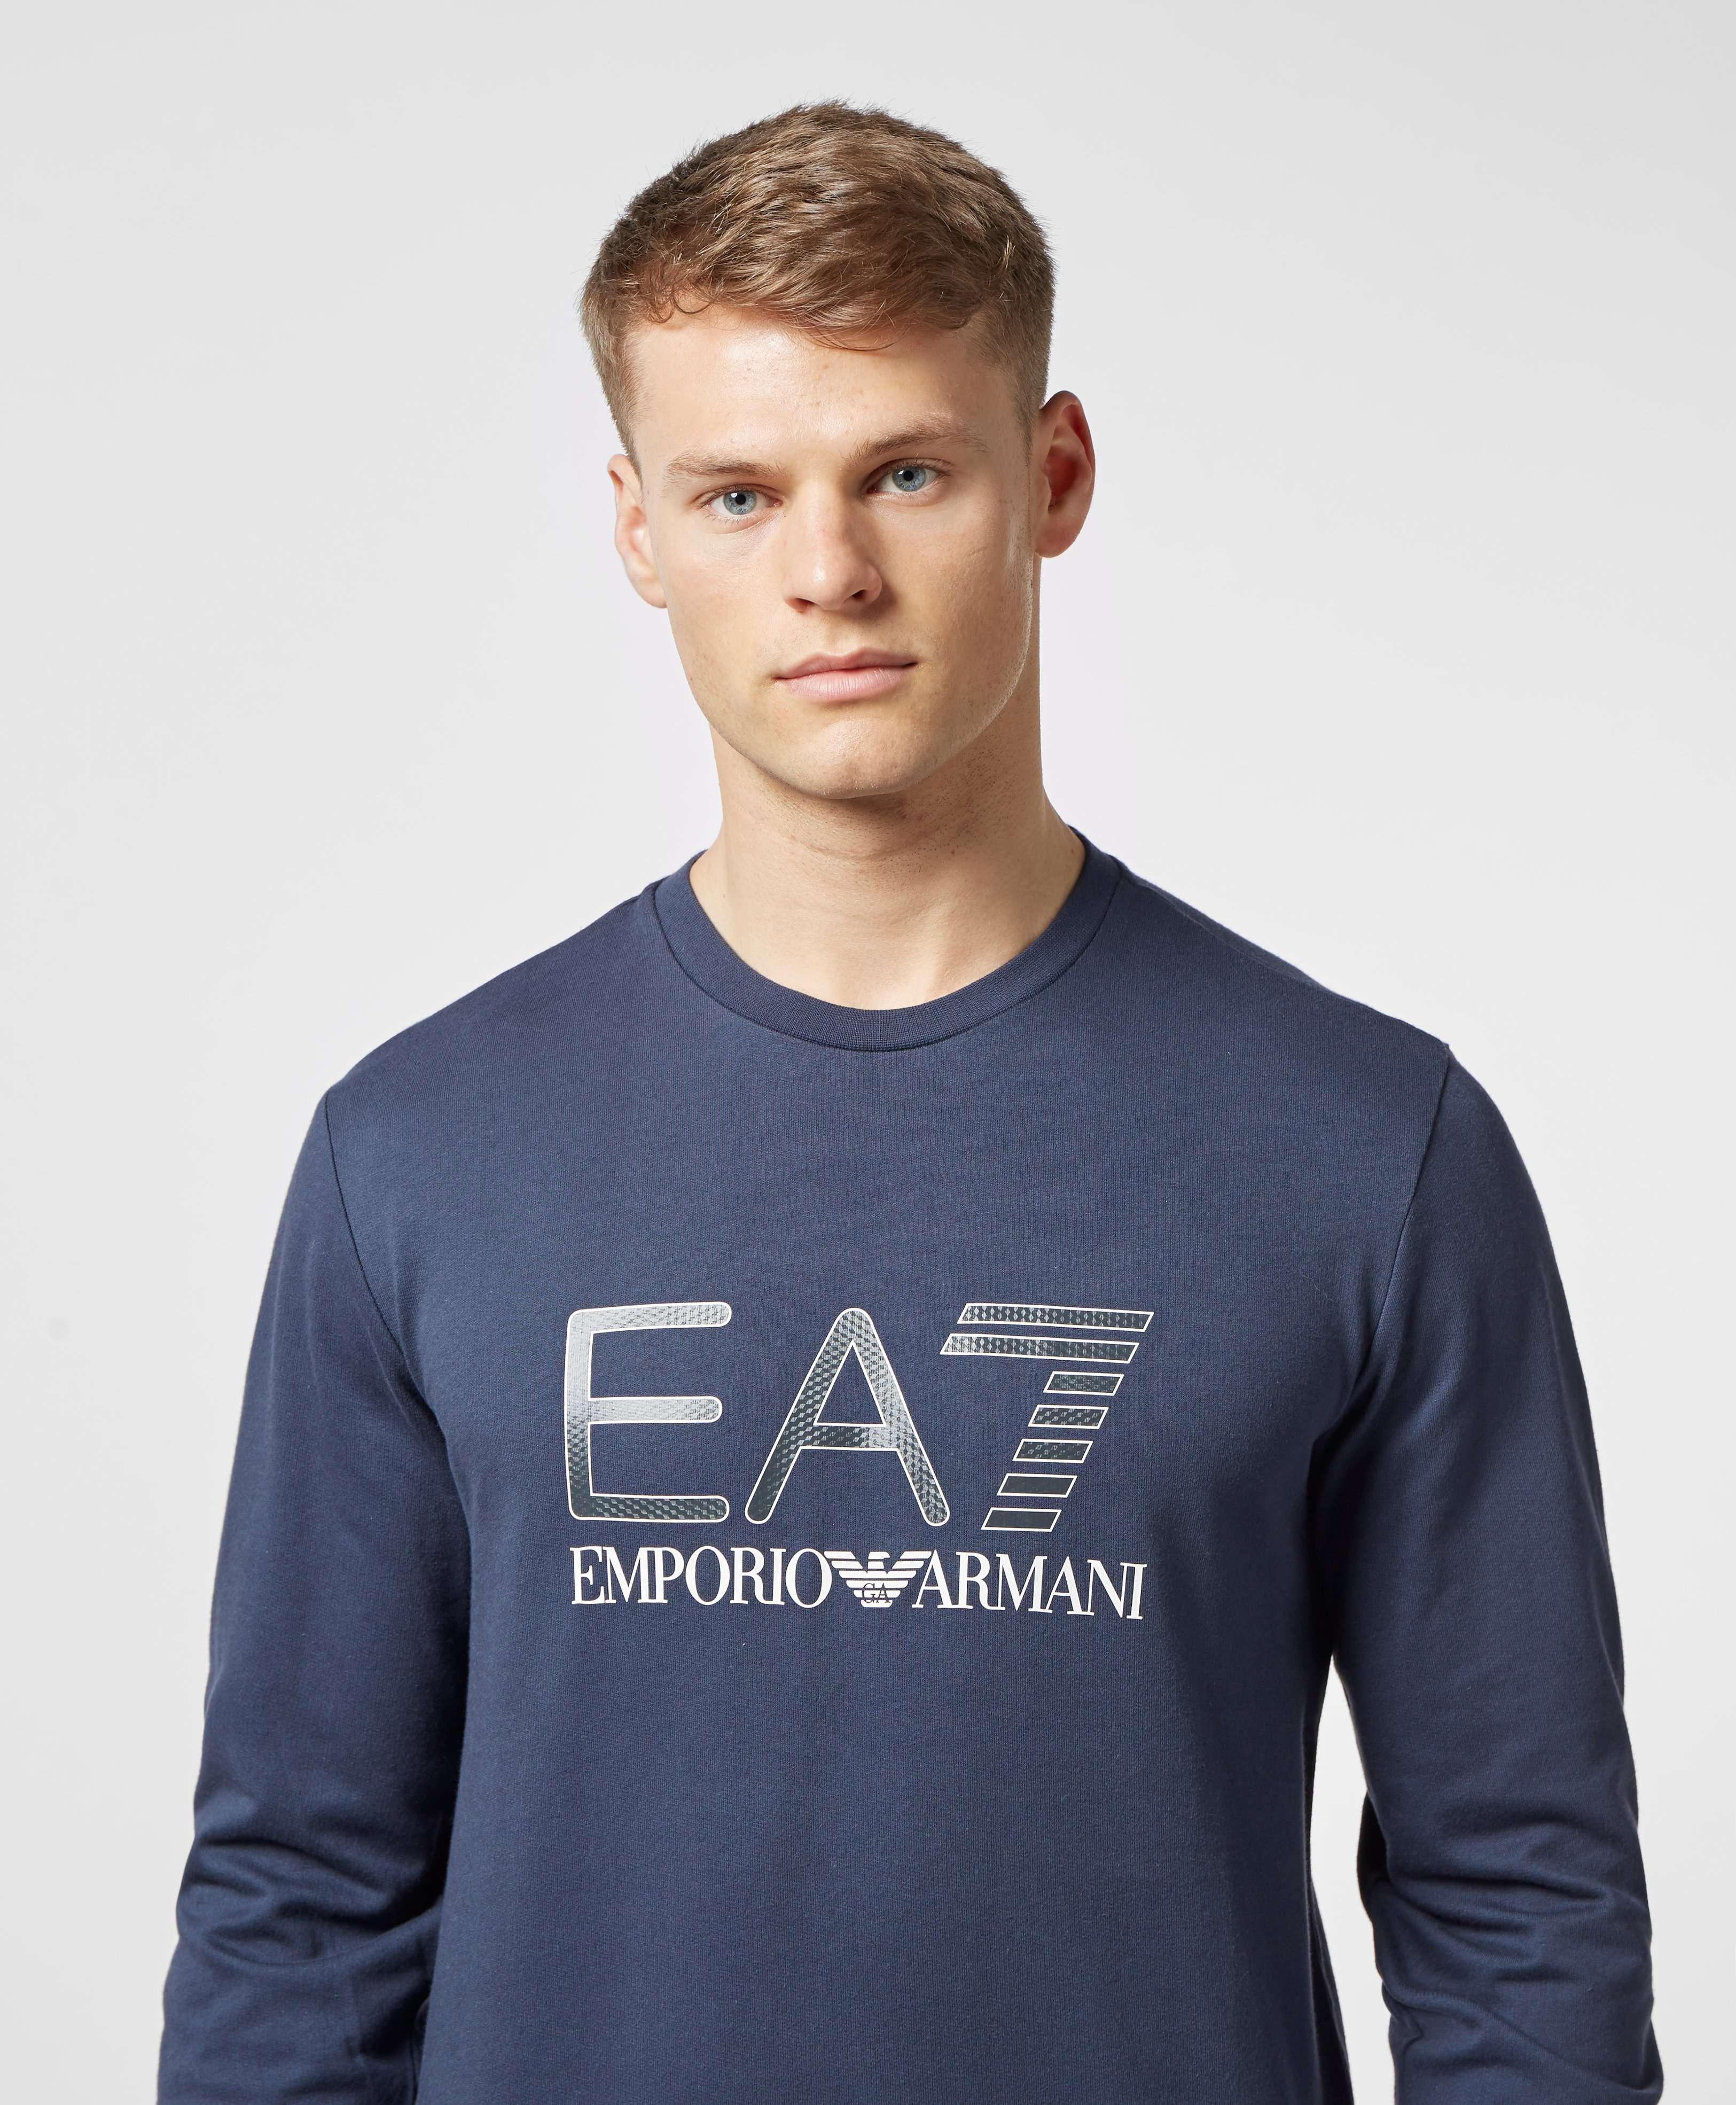 Emporio Armani EA7 Carbon Logo Crew Sweatshirt